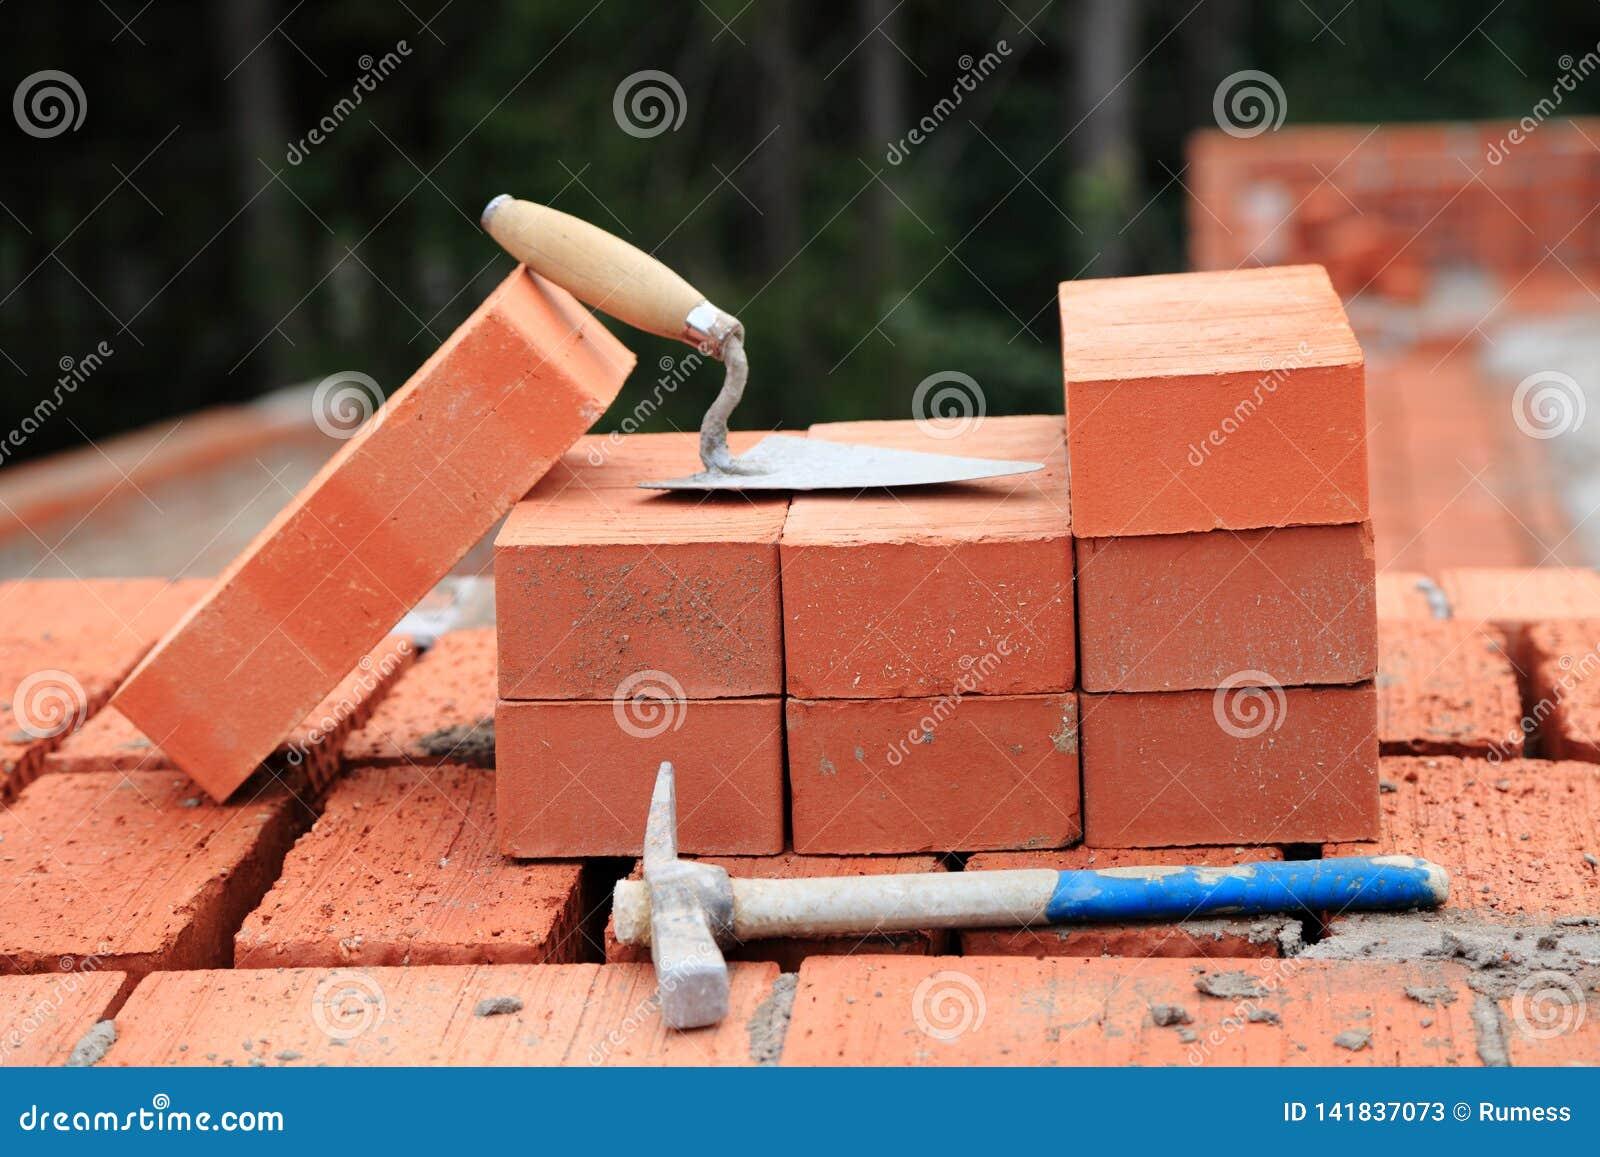 Truelle et marteau sur les briques